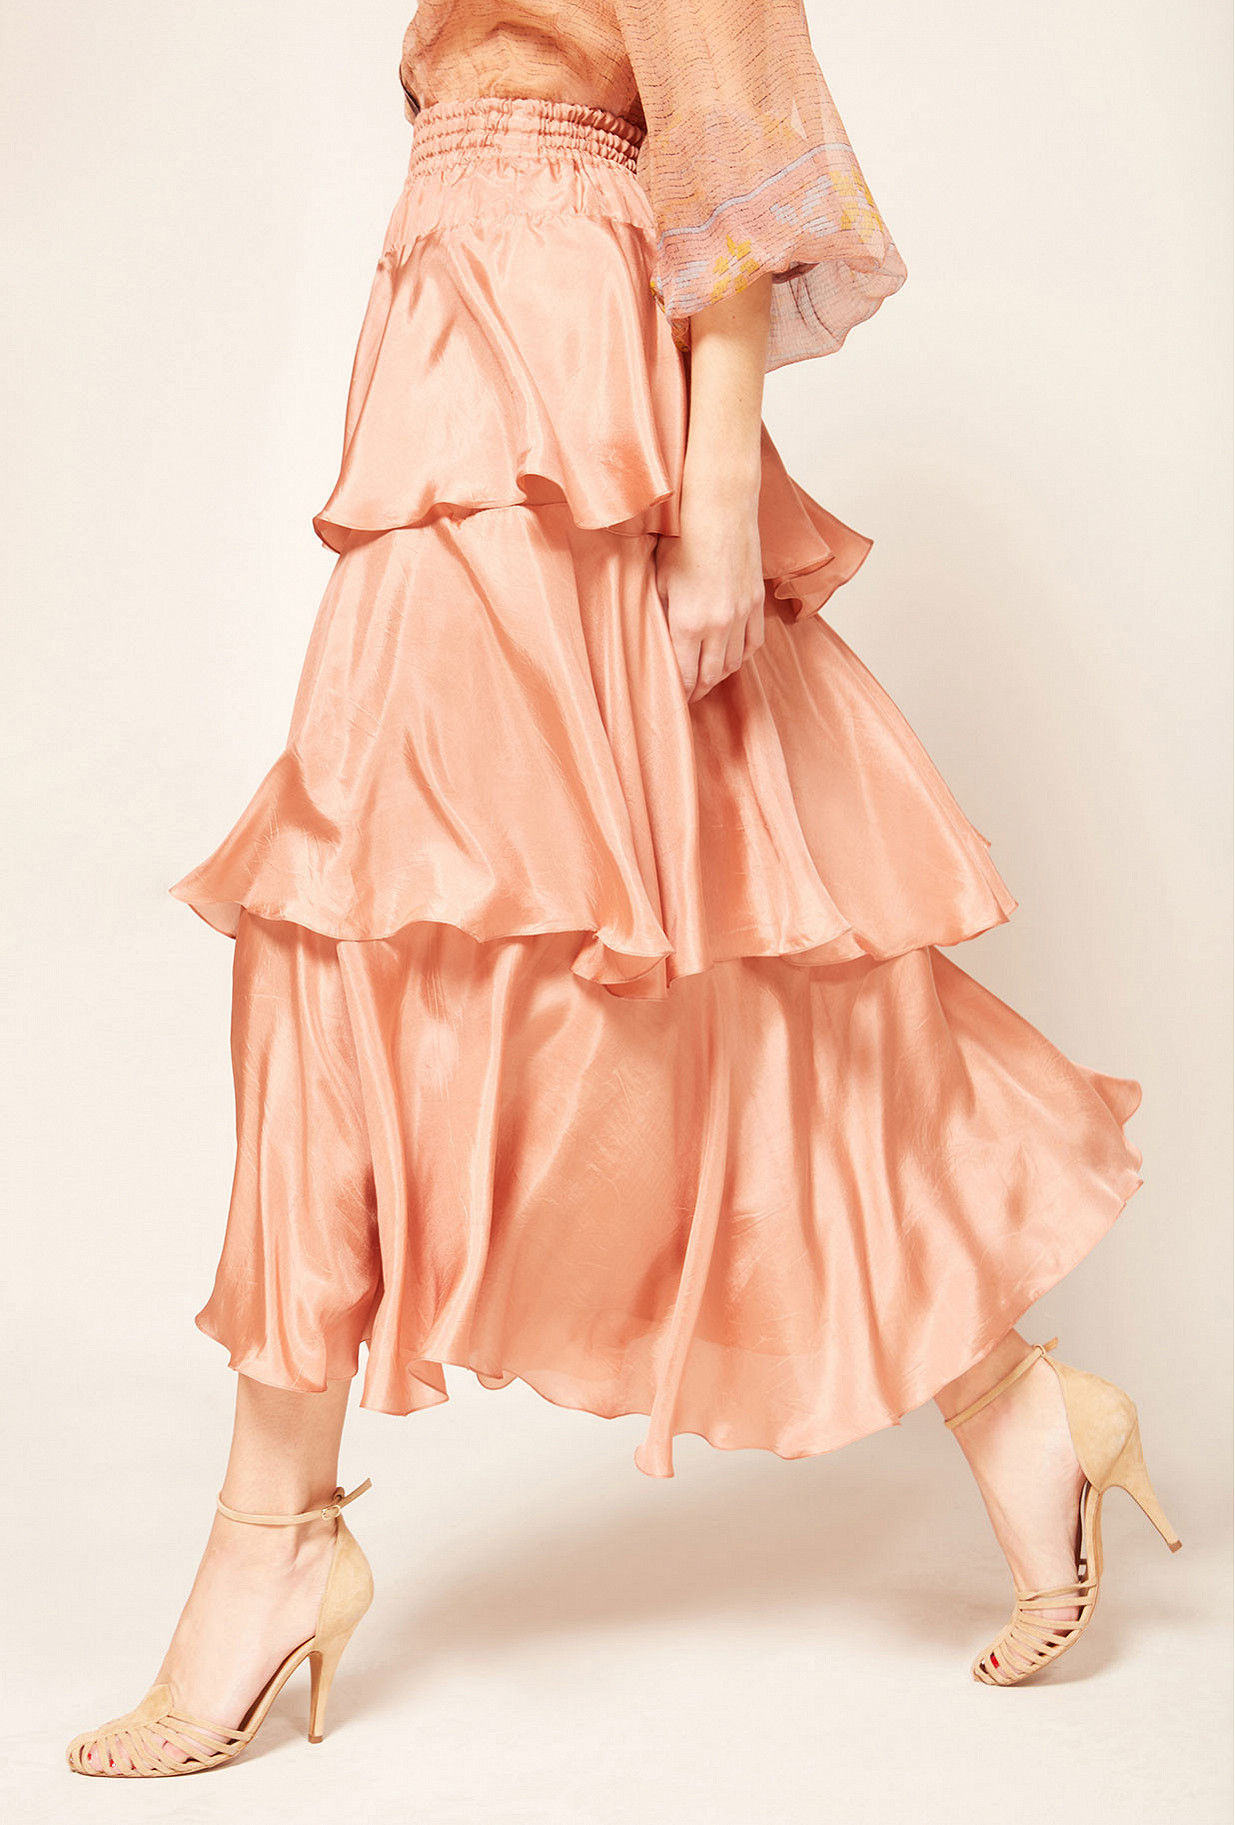 Jupe Rose  Medusa mes demoiselles paris vêtement femme paris